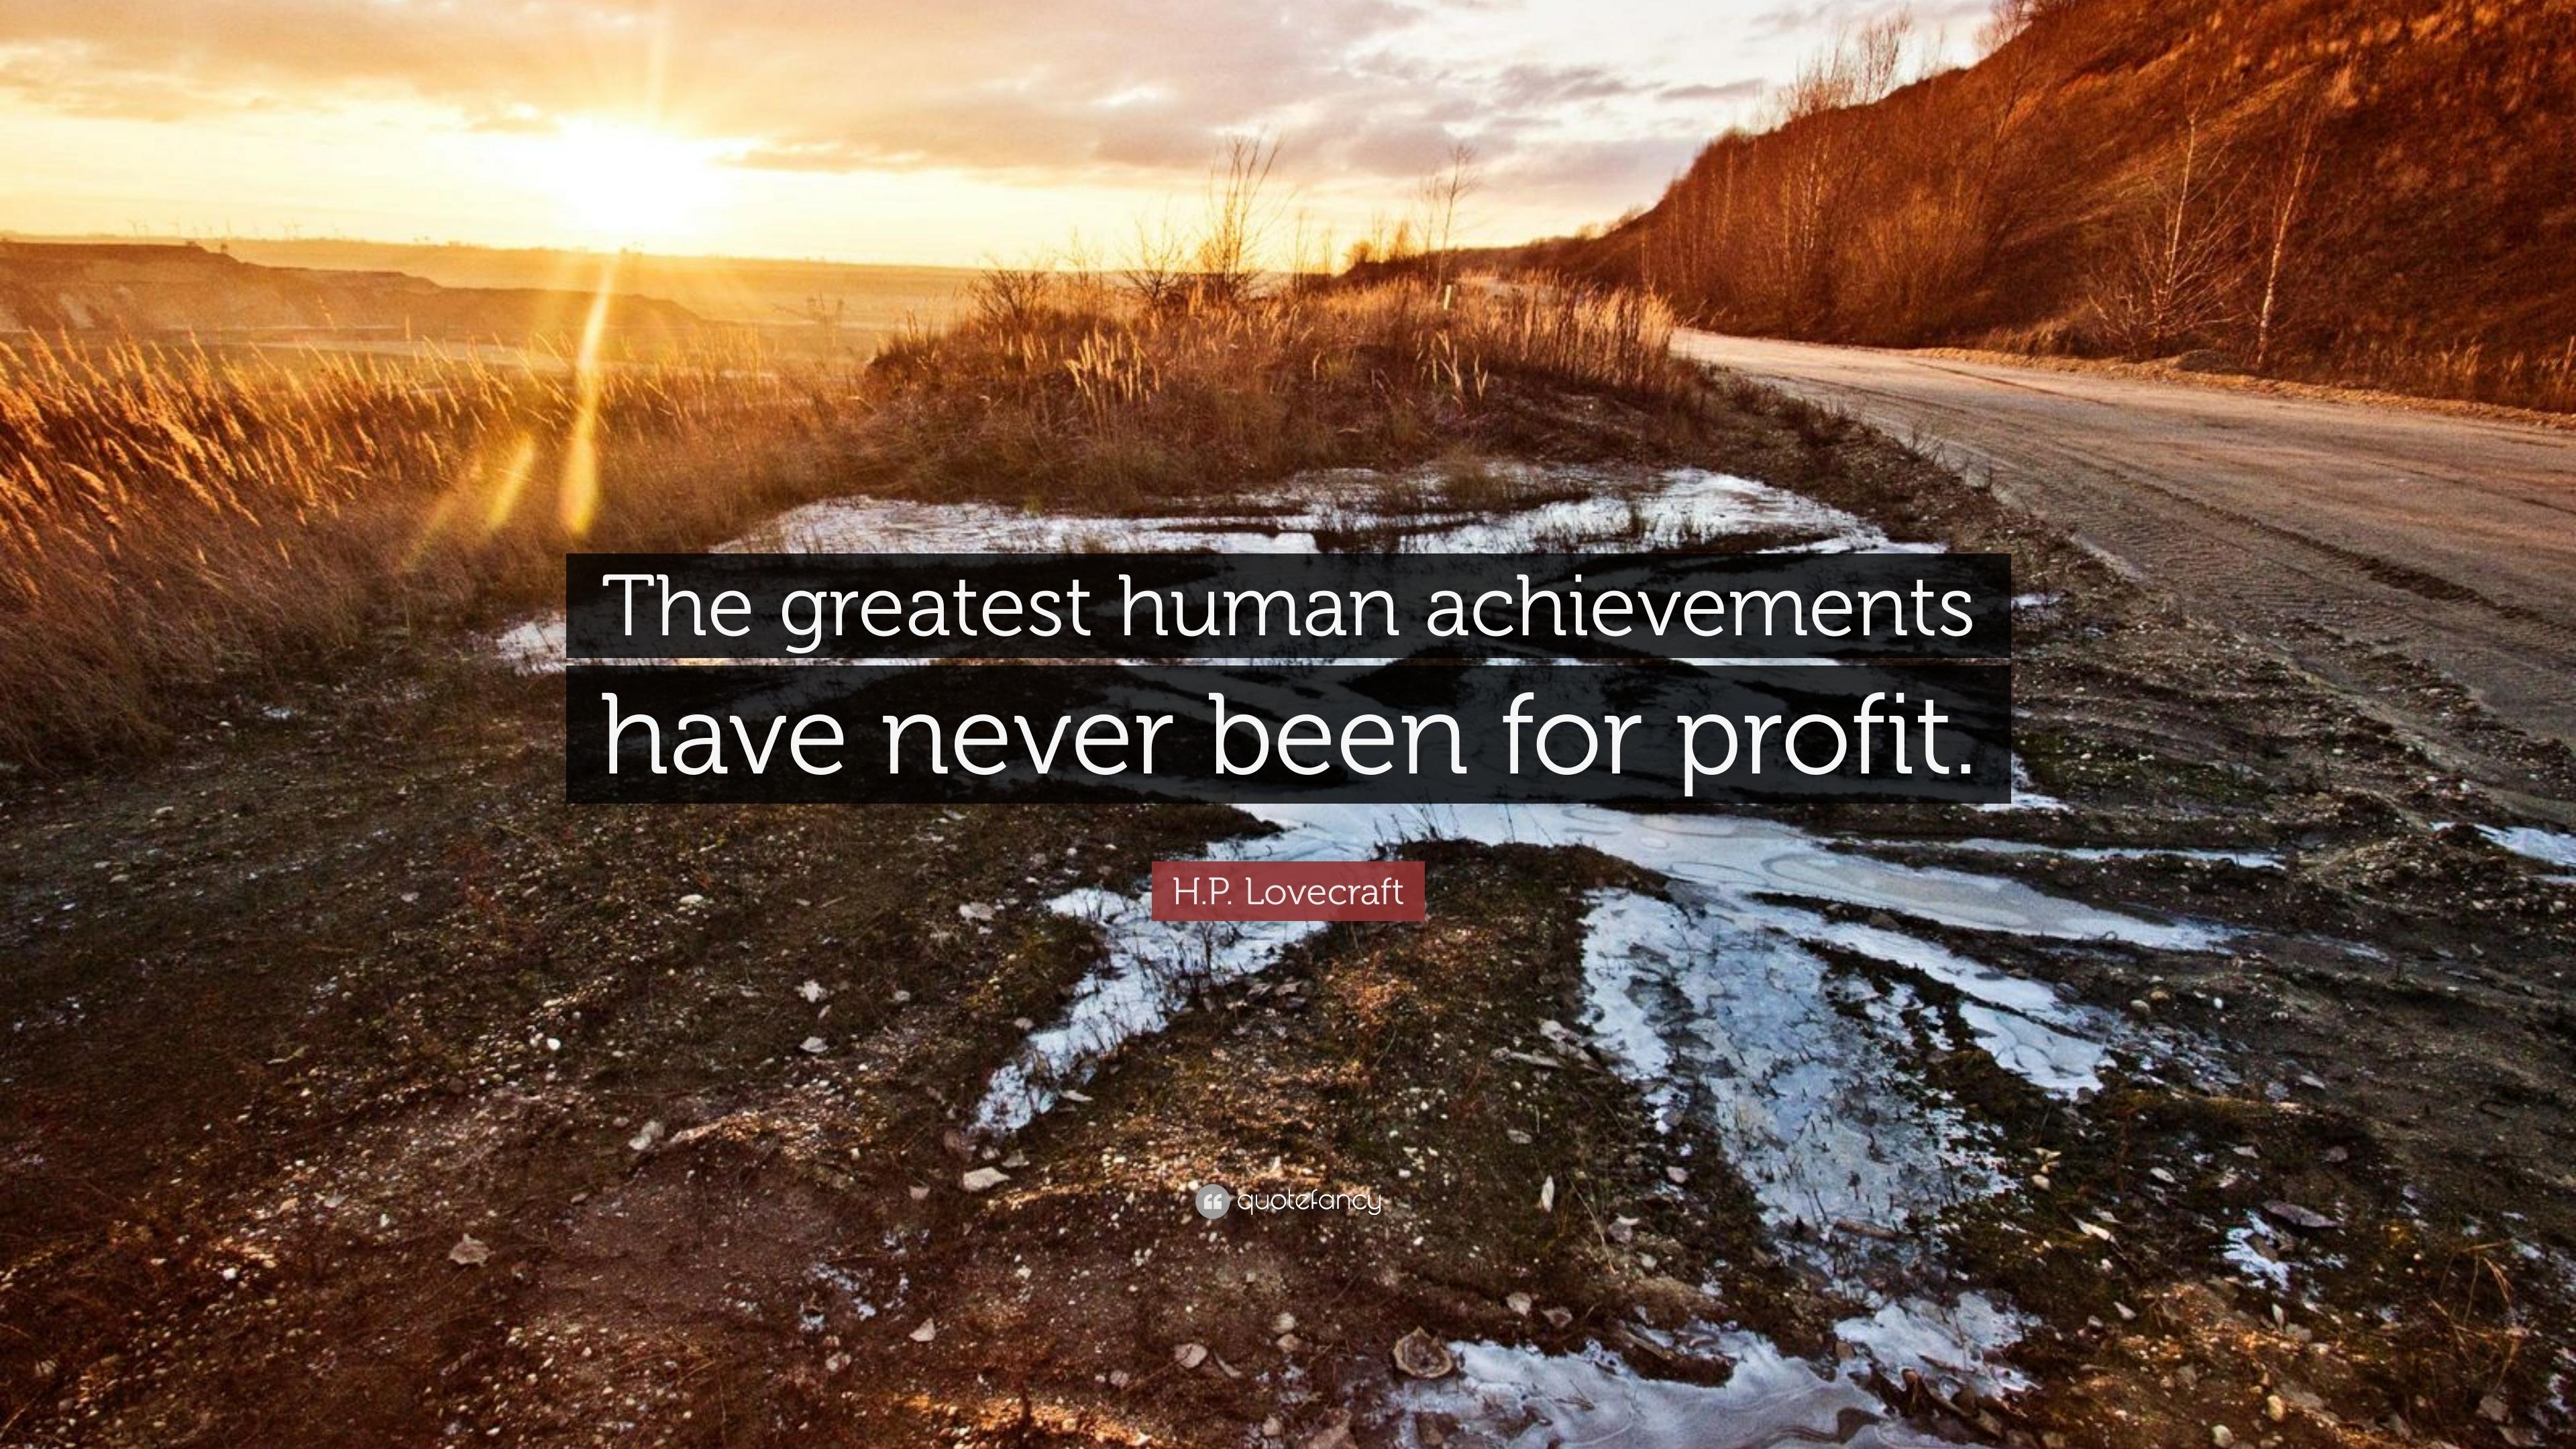 achievement quotes quotefancy achievement quotes the greatest human achievements have never been for profit